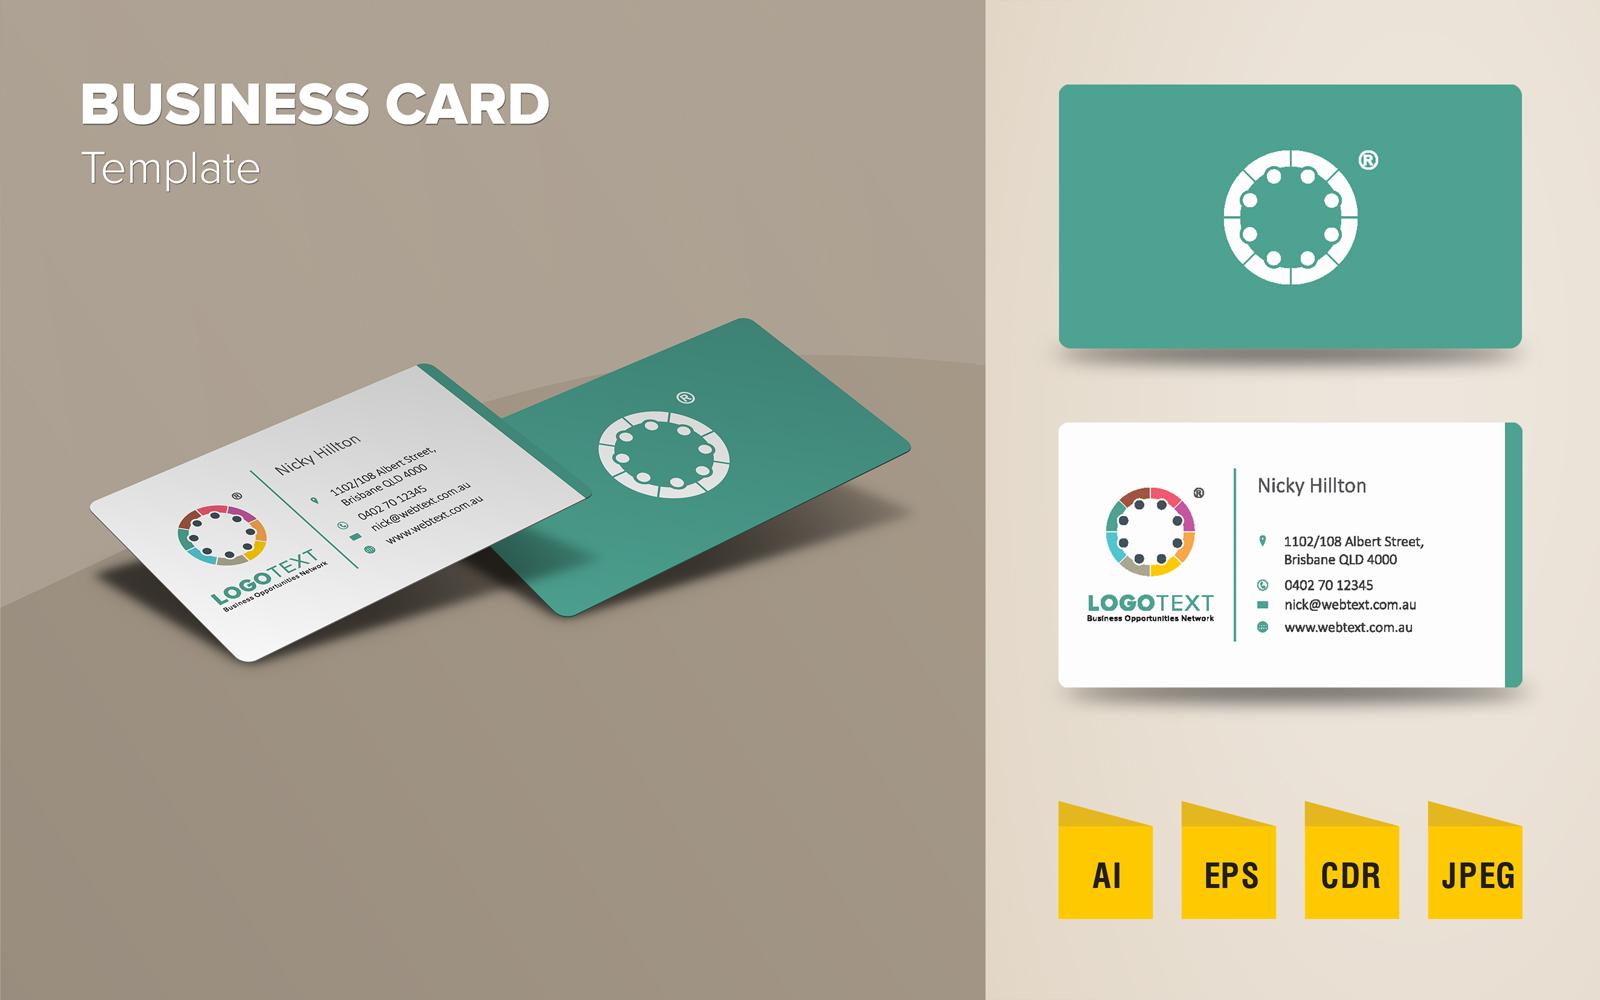 企業形象 CIS 設計樣版